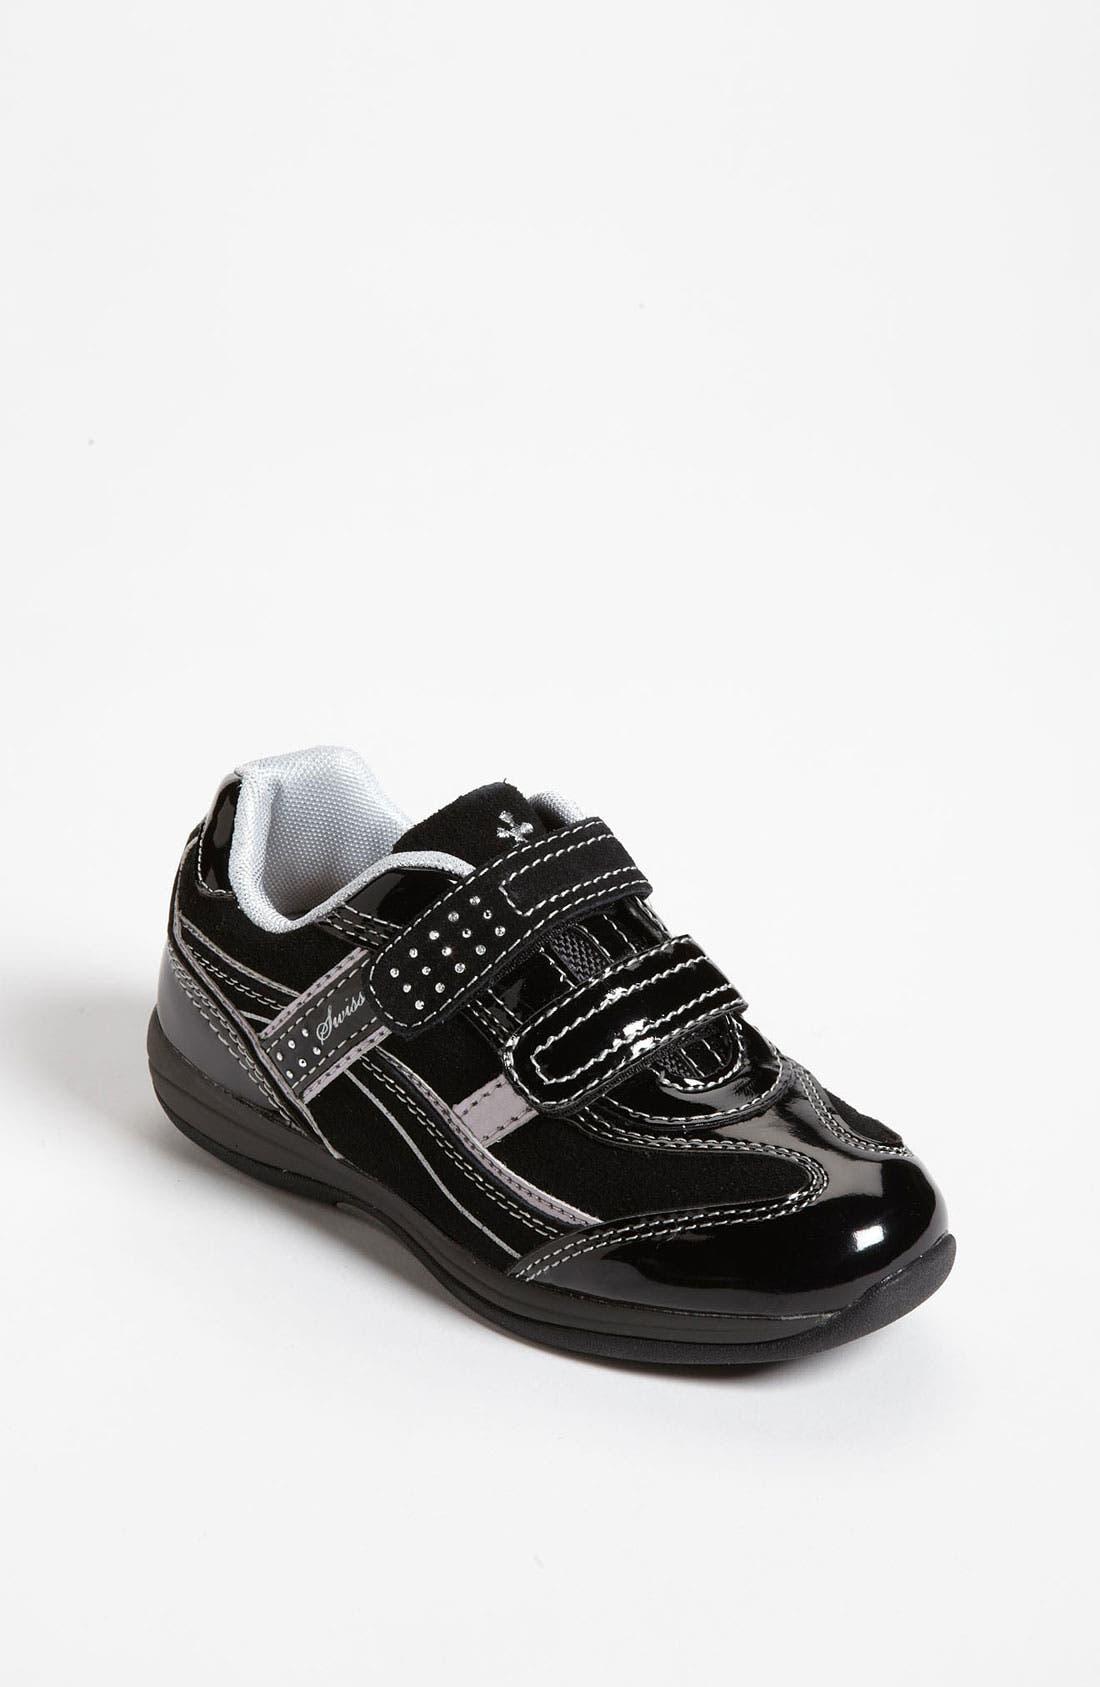 Alternate Image 1 Selected - Swissies 'Cathy' Sneaker (Toddler, Little Kid & Big Kid)